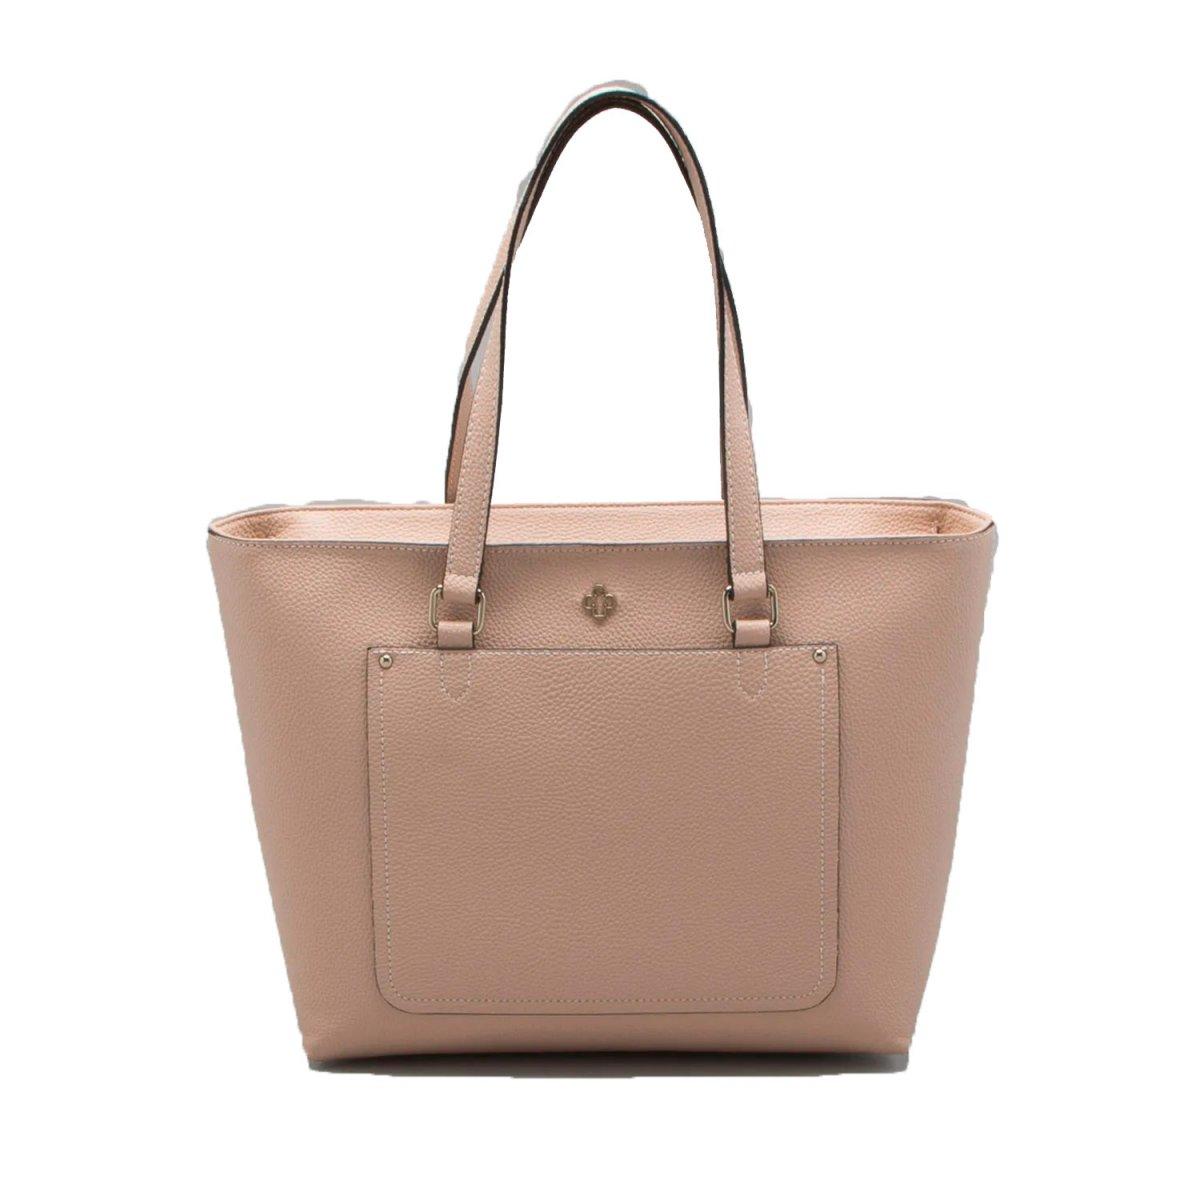 3af8788e3 Bolsa Shopper Capodarte Grande